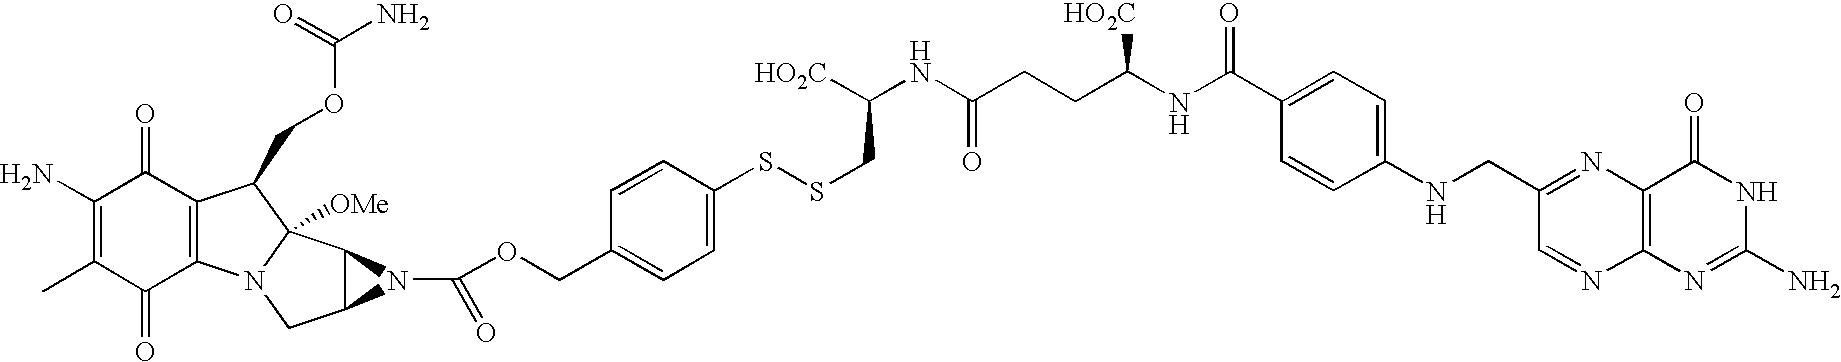 Figure US08288557-20121016-C00045